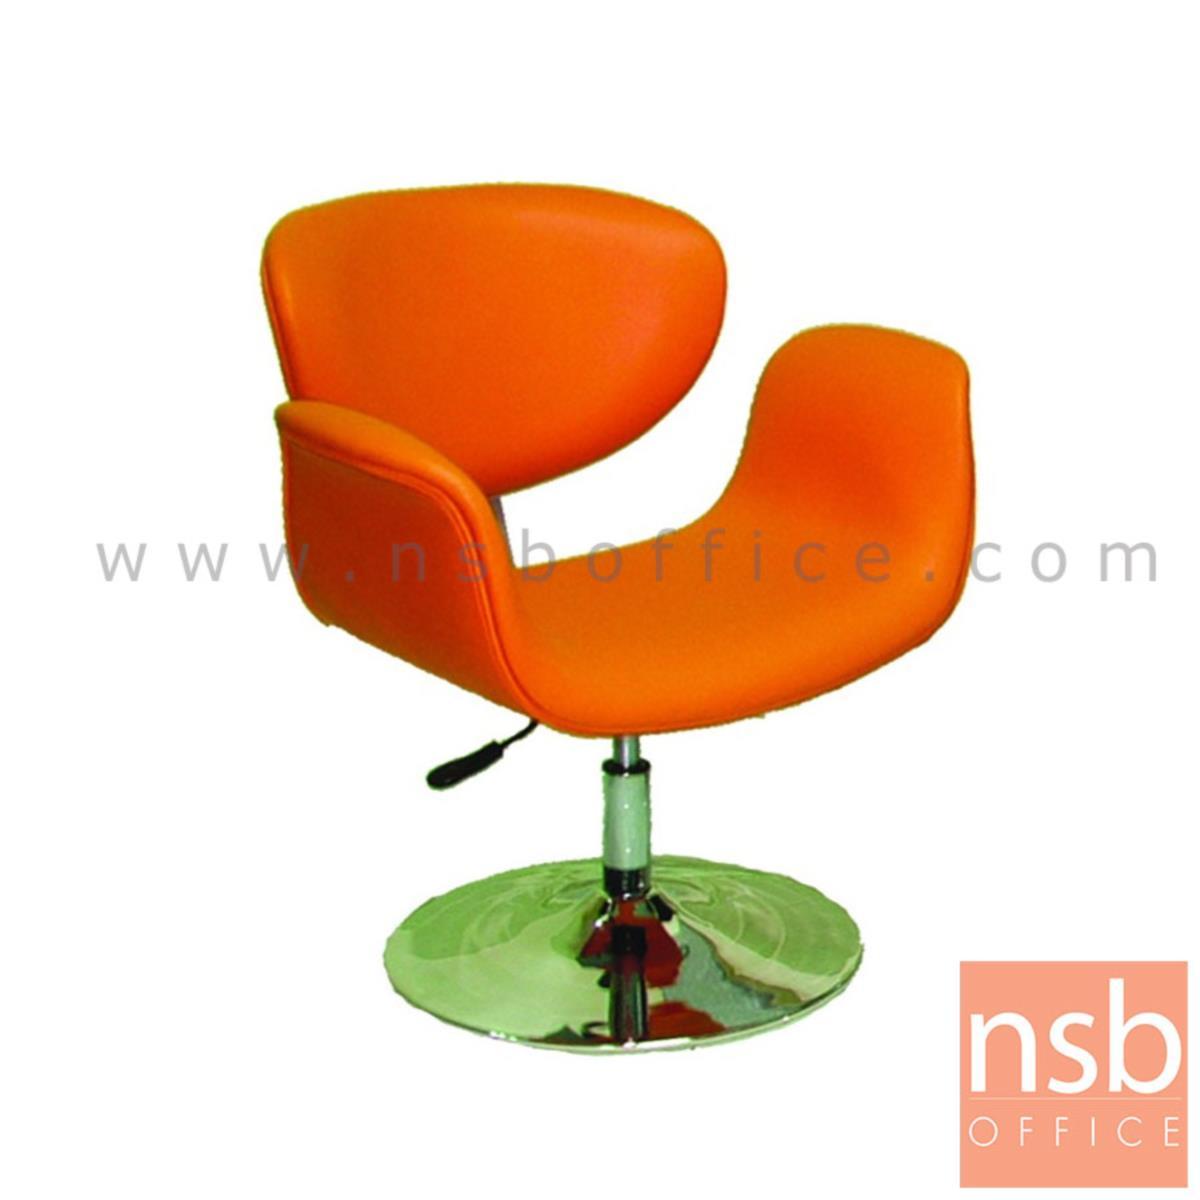 เก้าอี้พักผ่อนหนังเทียม รุ่น Wilmington (วิลมิงตัน) ขนาด 70W cm. ขาจานชุบโครเมียม